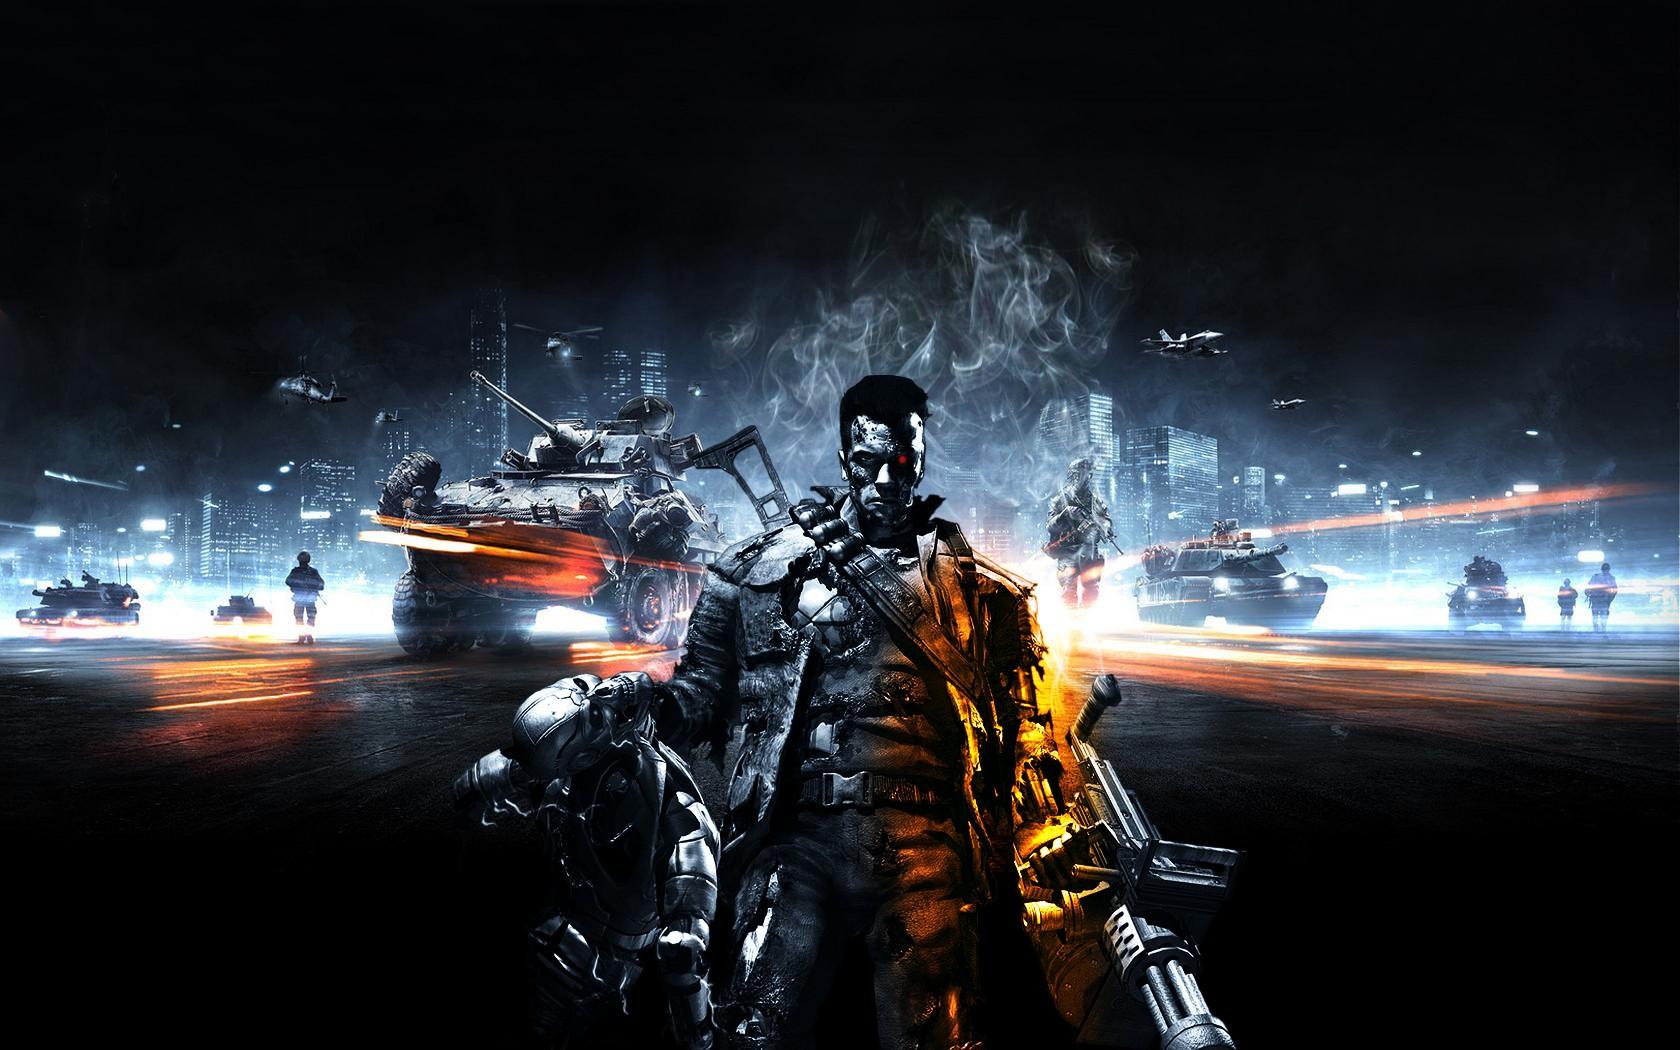 terminator_battlefield_3_by_paullus23-d5ek6sv